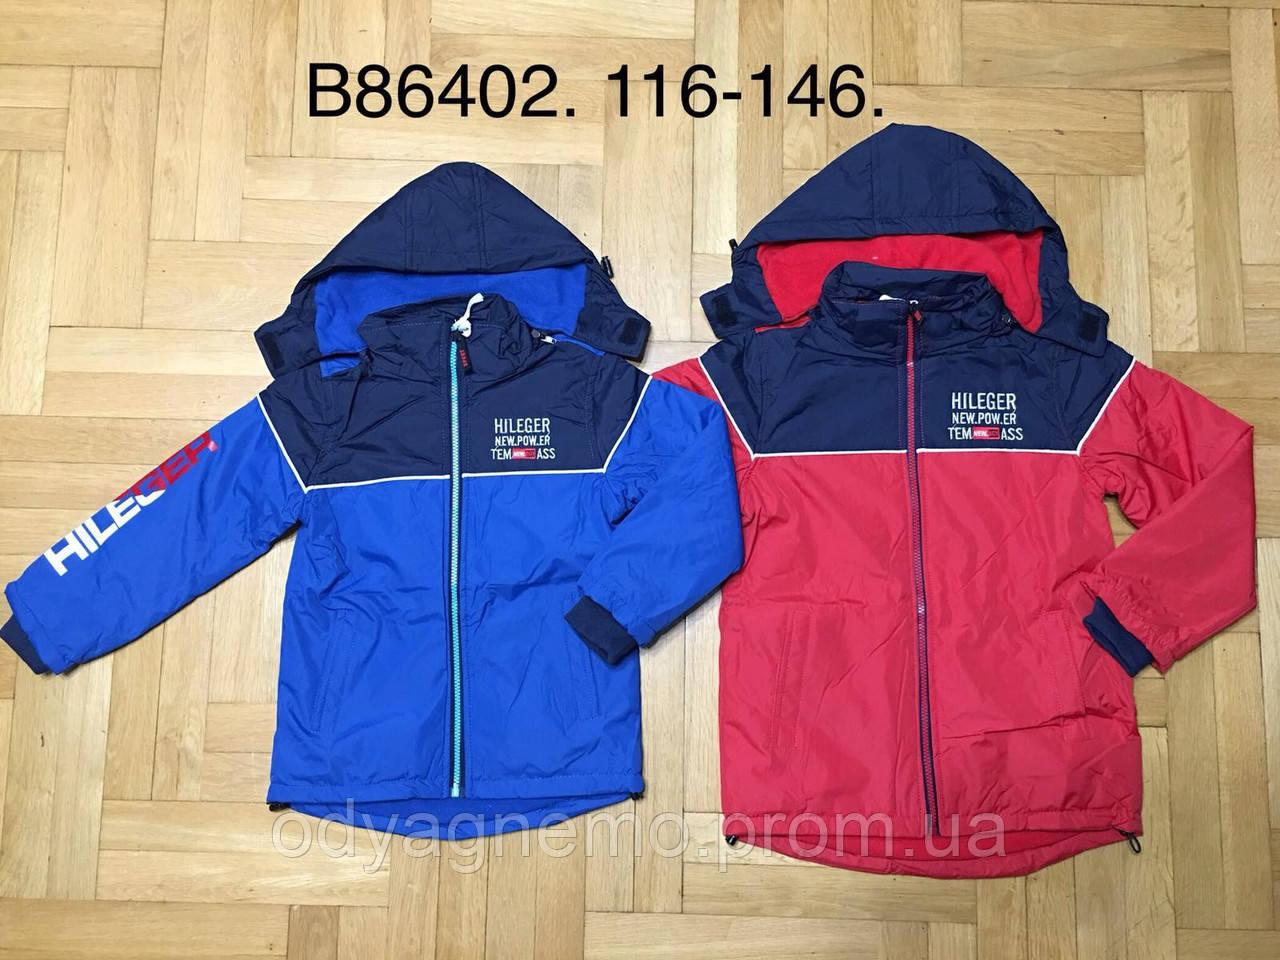 Куртка на флисе для мальчиков Grace оптом, 116-146 рр. Артикул: B86402